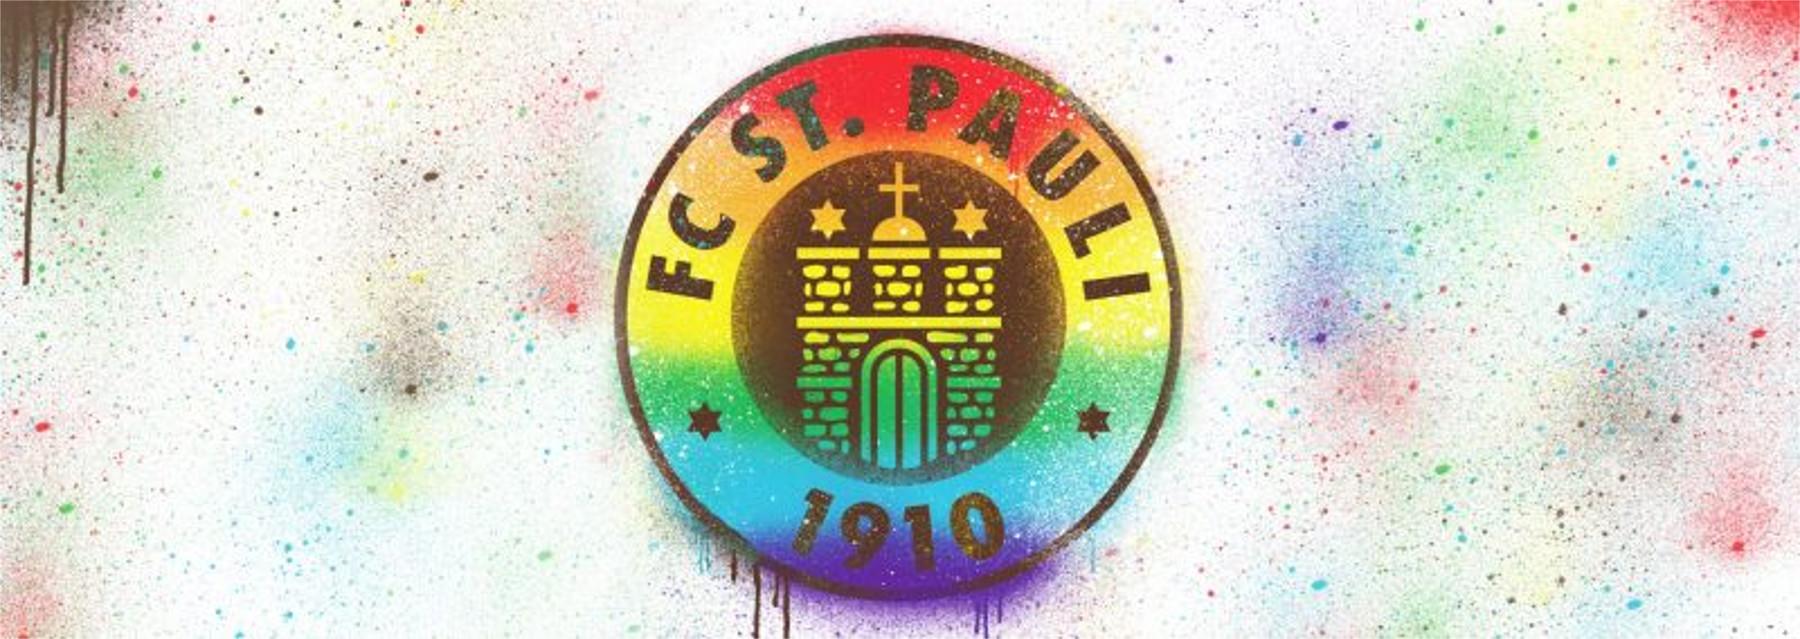 Logo St. Pauli in Regenbogenfarben. Das Logo ist rund. In der Mitte ist die Kirche Michel. Rundherum der Schriftzug: FC St. Pauli 1910